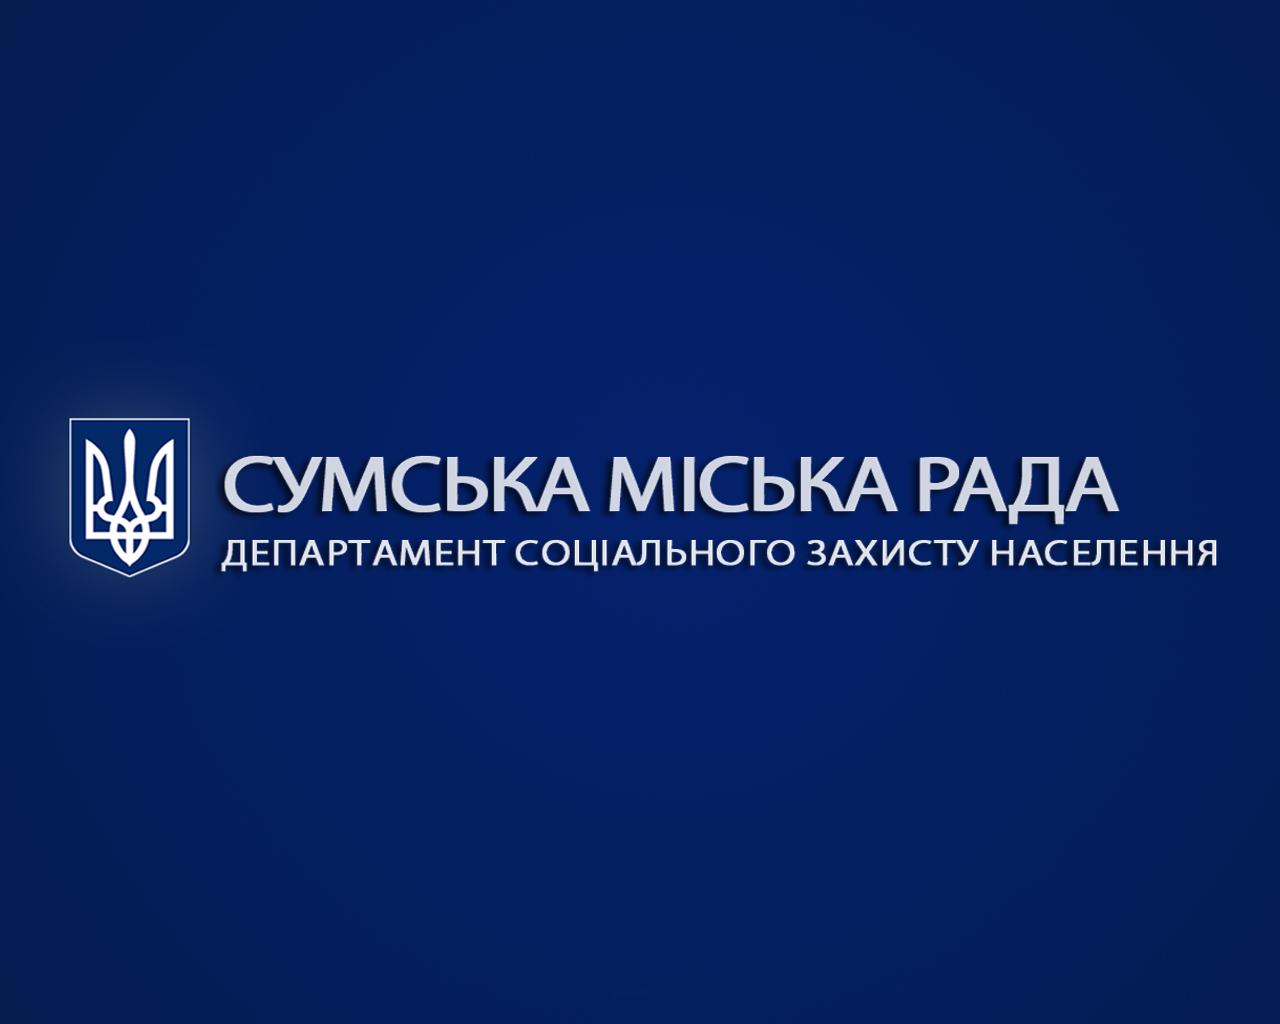 departament-sotsialnoho-zakhystu-naselennia-sumskoyi-miskoyi-rady